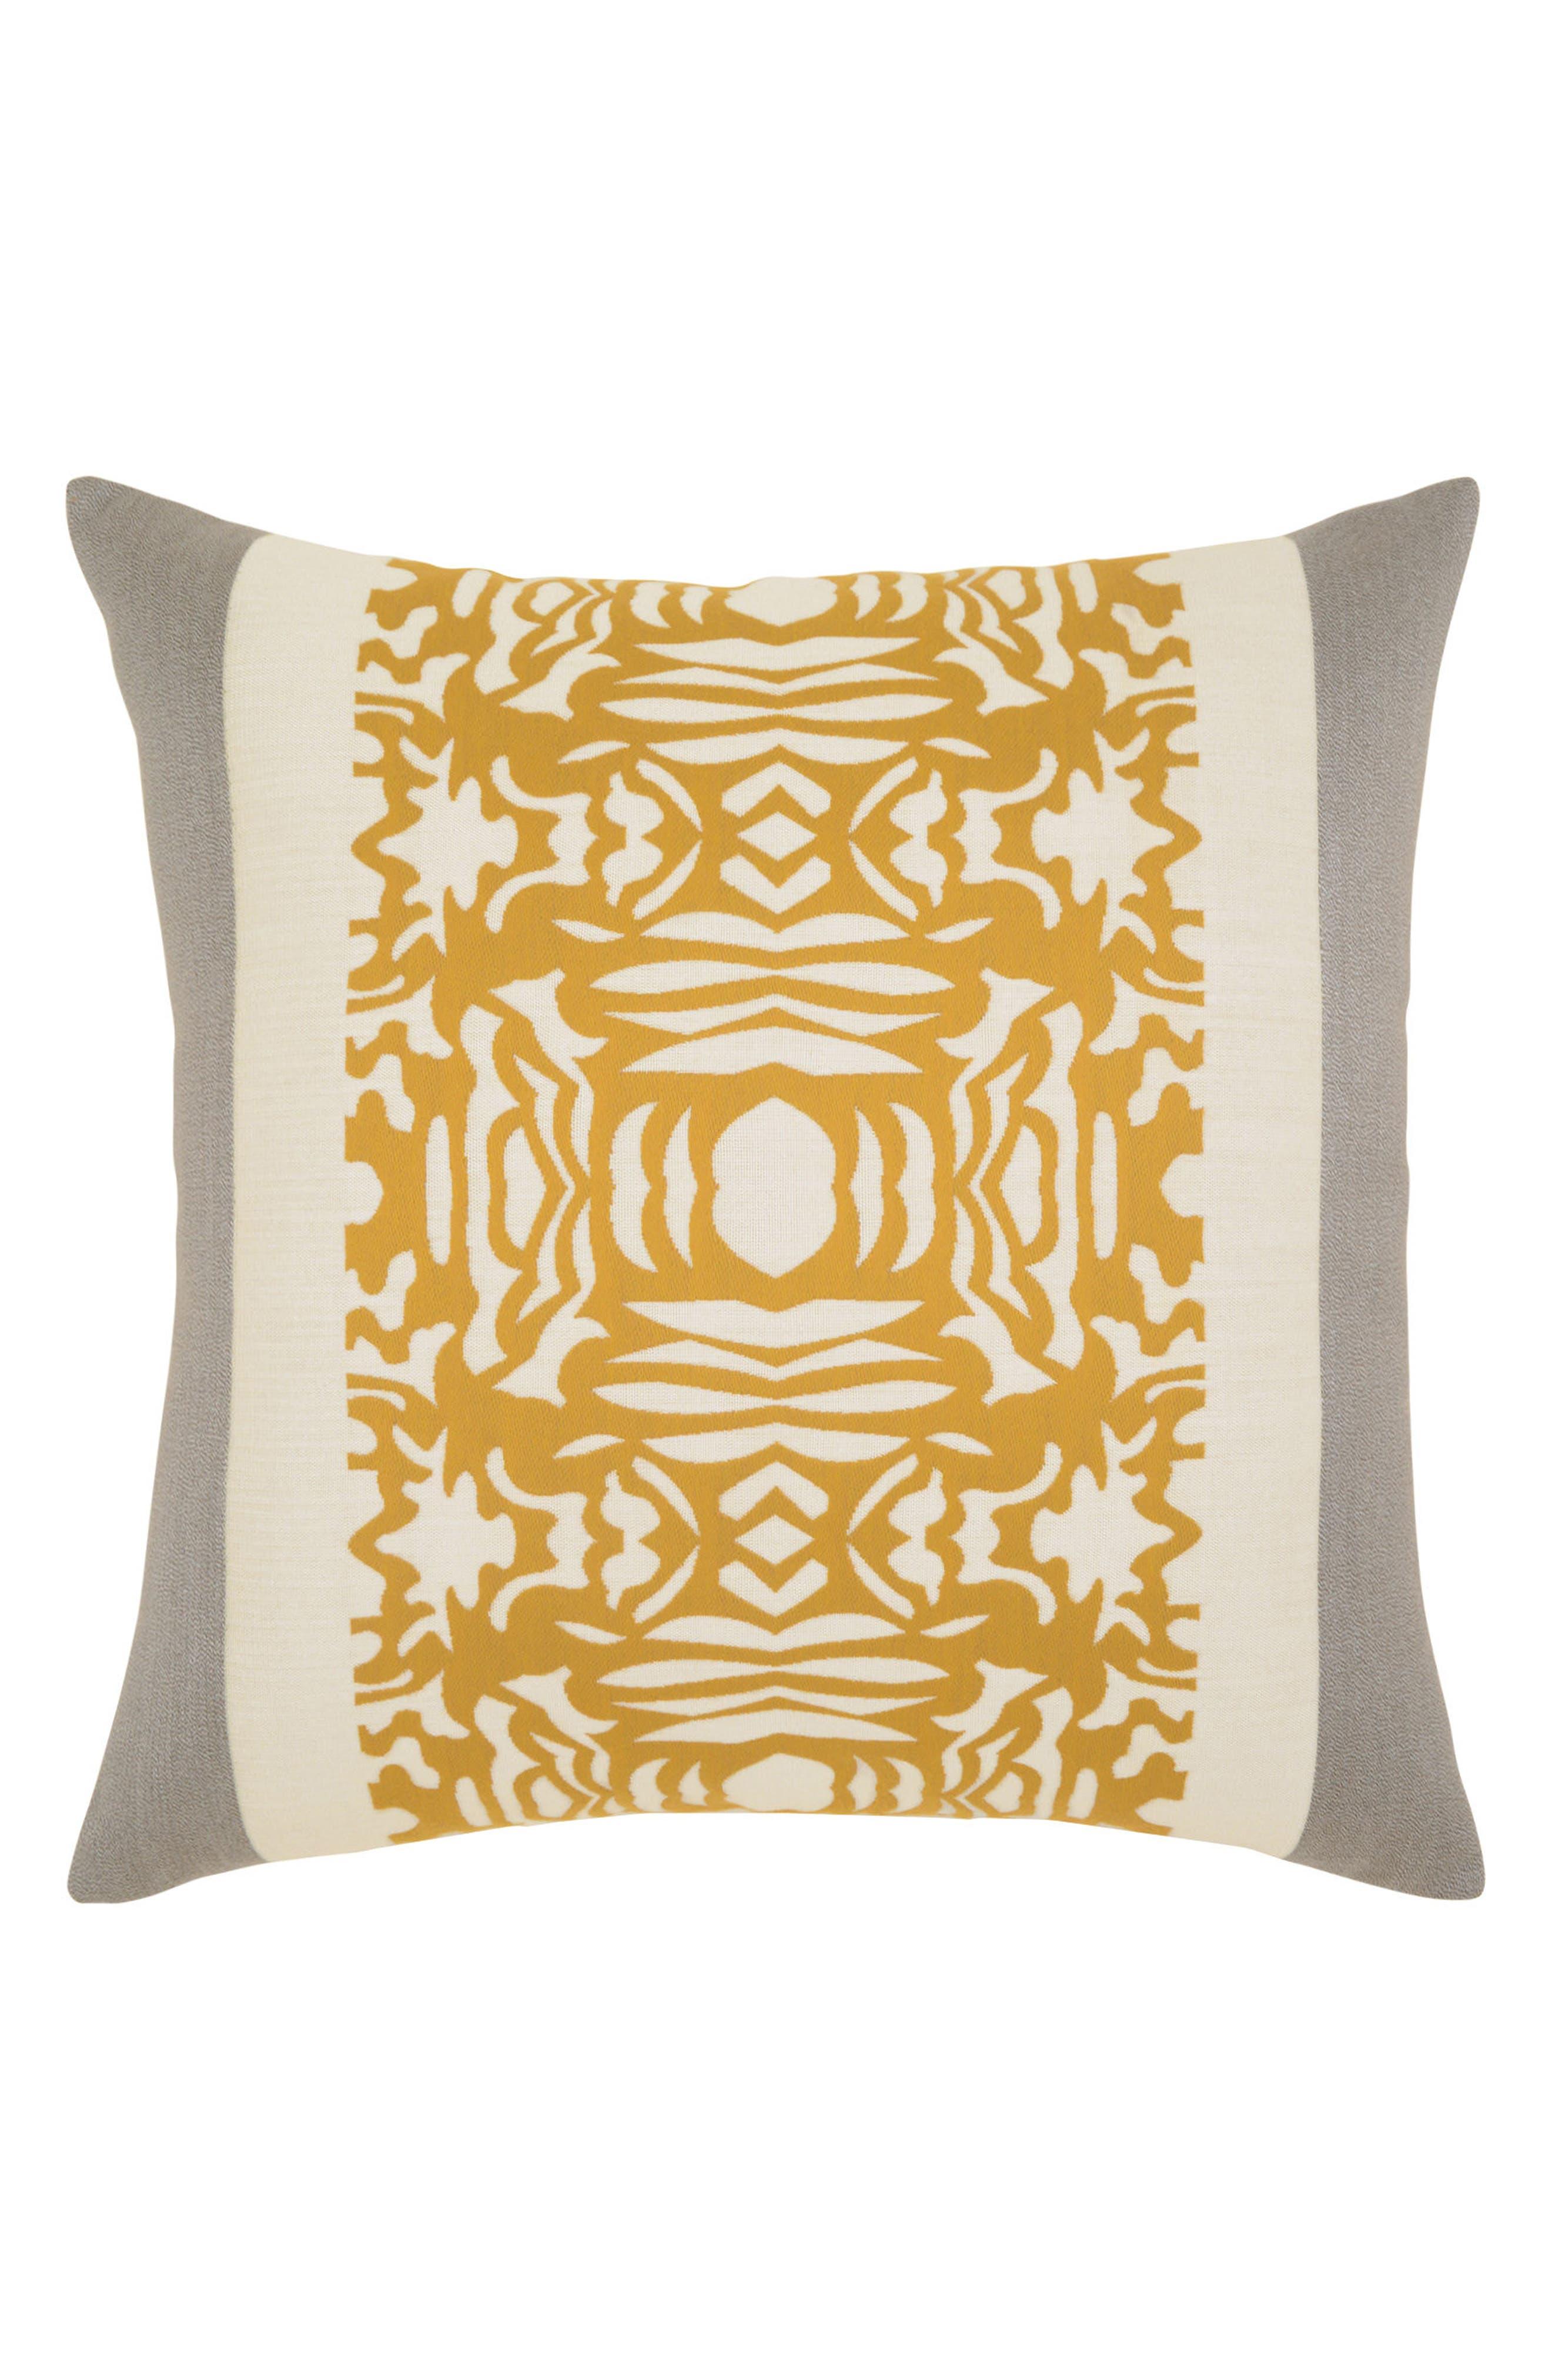 Metallic Block Indoor/Outdoor Accent Pillow,                         Main,                         color, Gold/ Grey